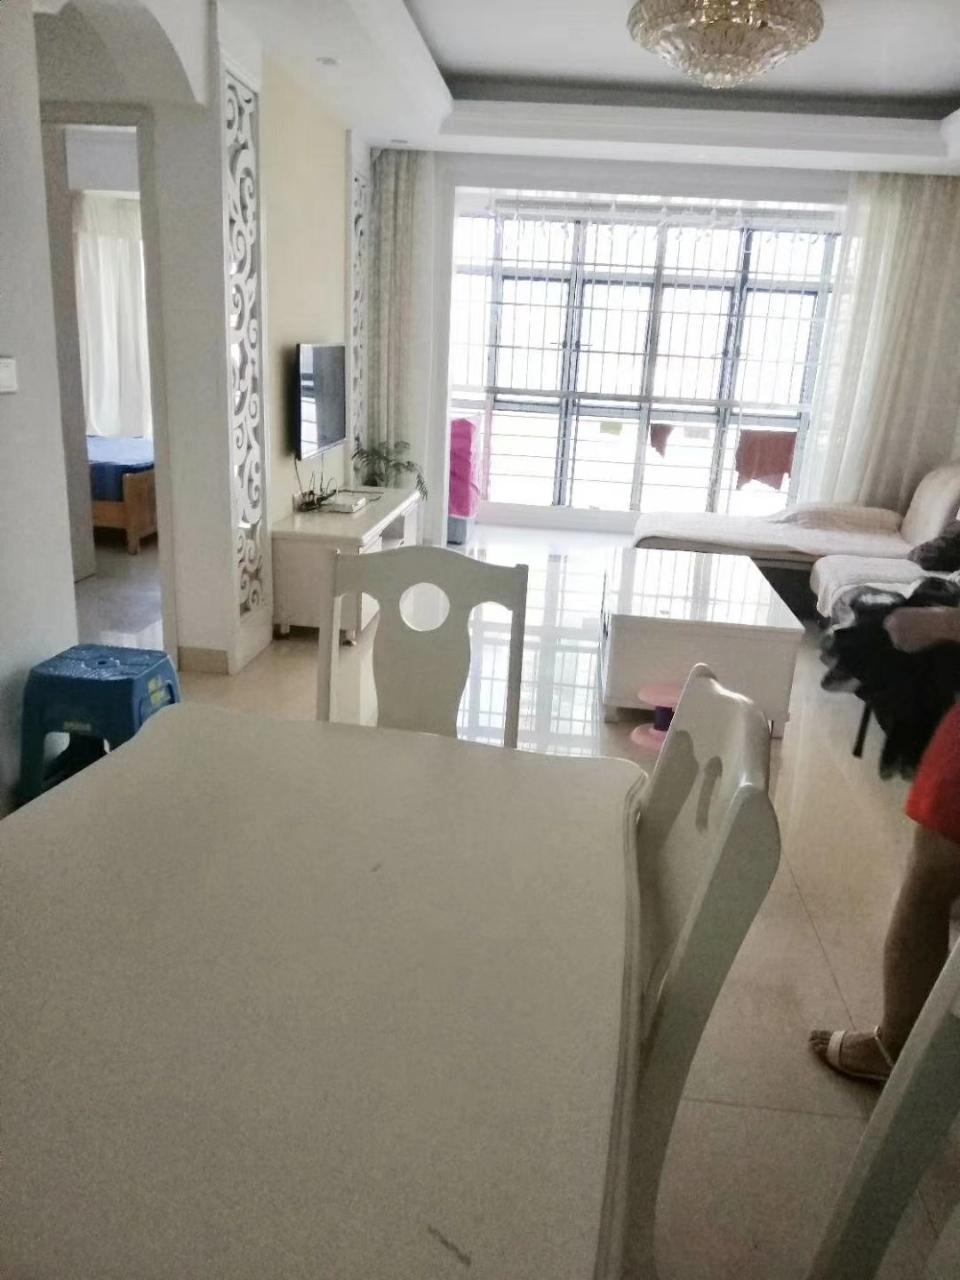 桃江御景黄金地段中间楼2室 2厅 1卫69.8万元